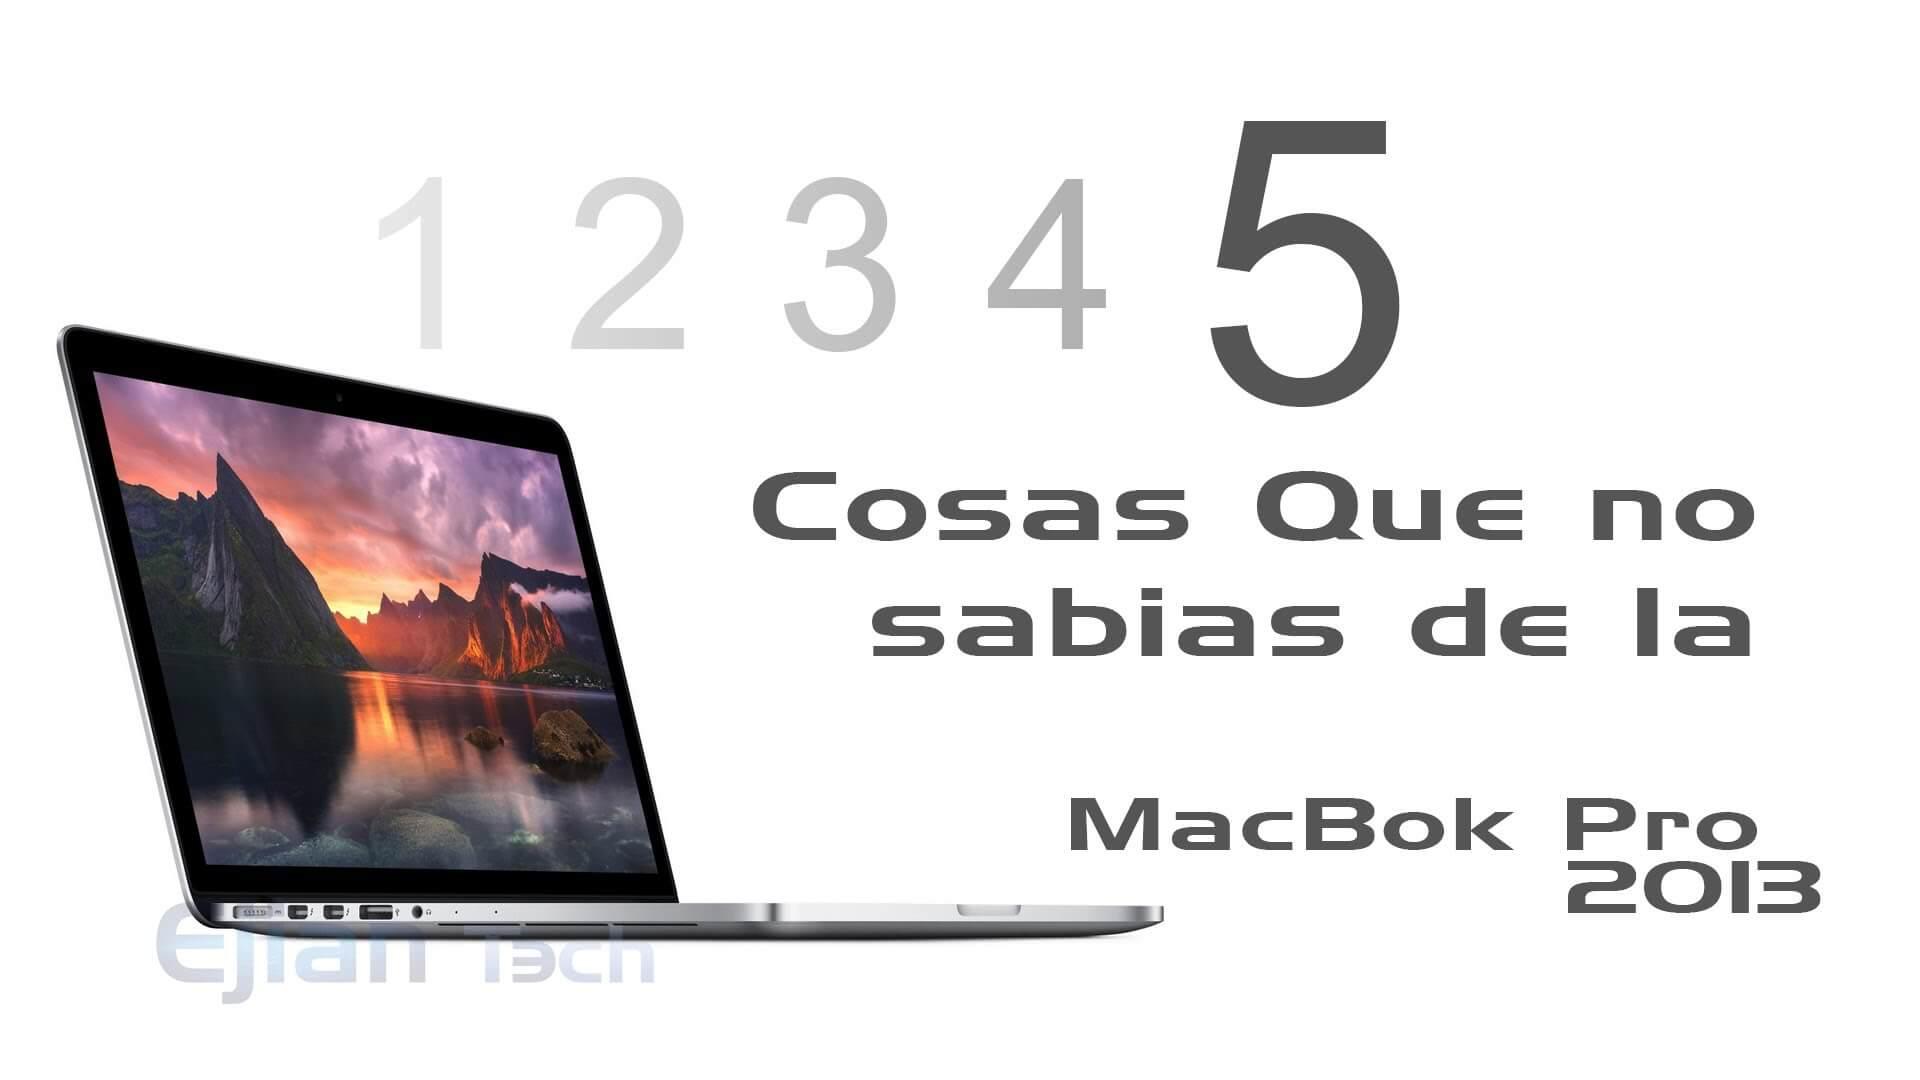 5 Cosas que no sabias de la MacBook Pro